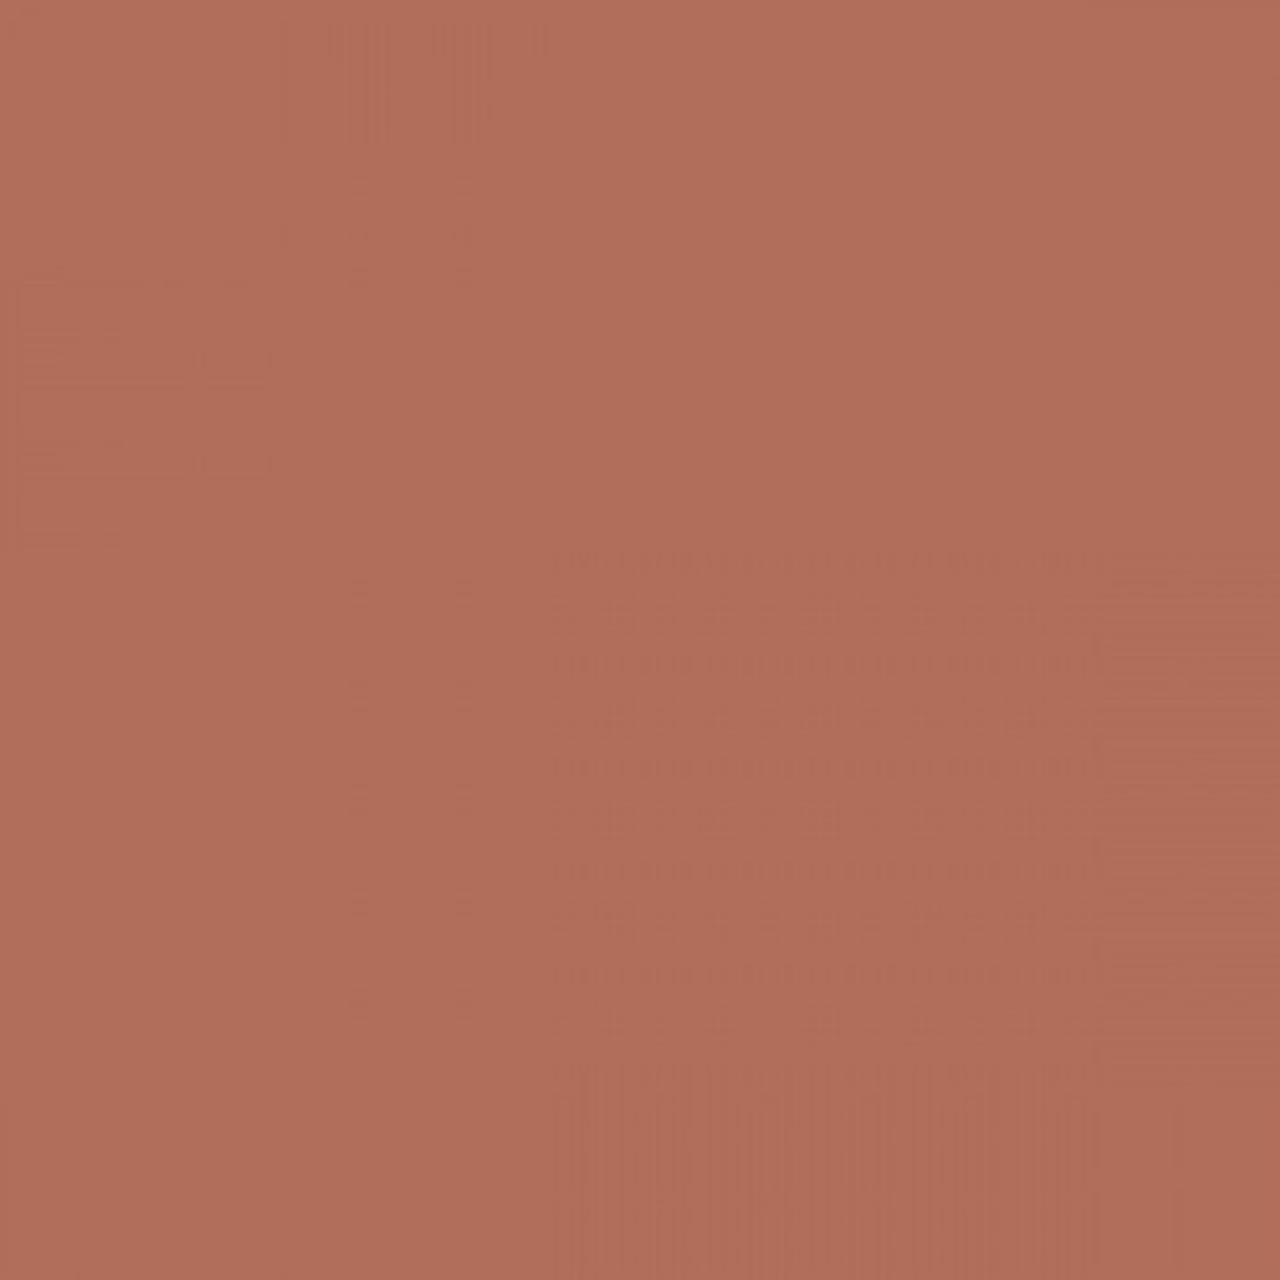 Mixol Universal Tints Oxide Chestnut #20